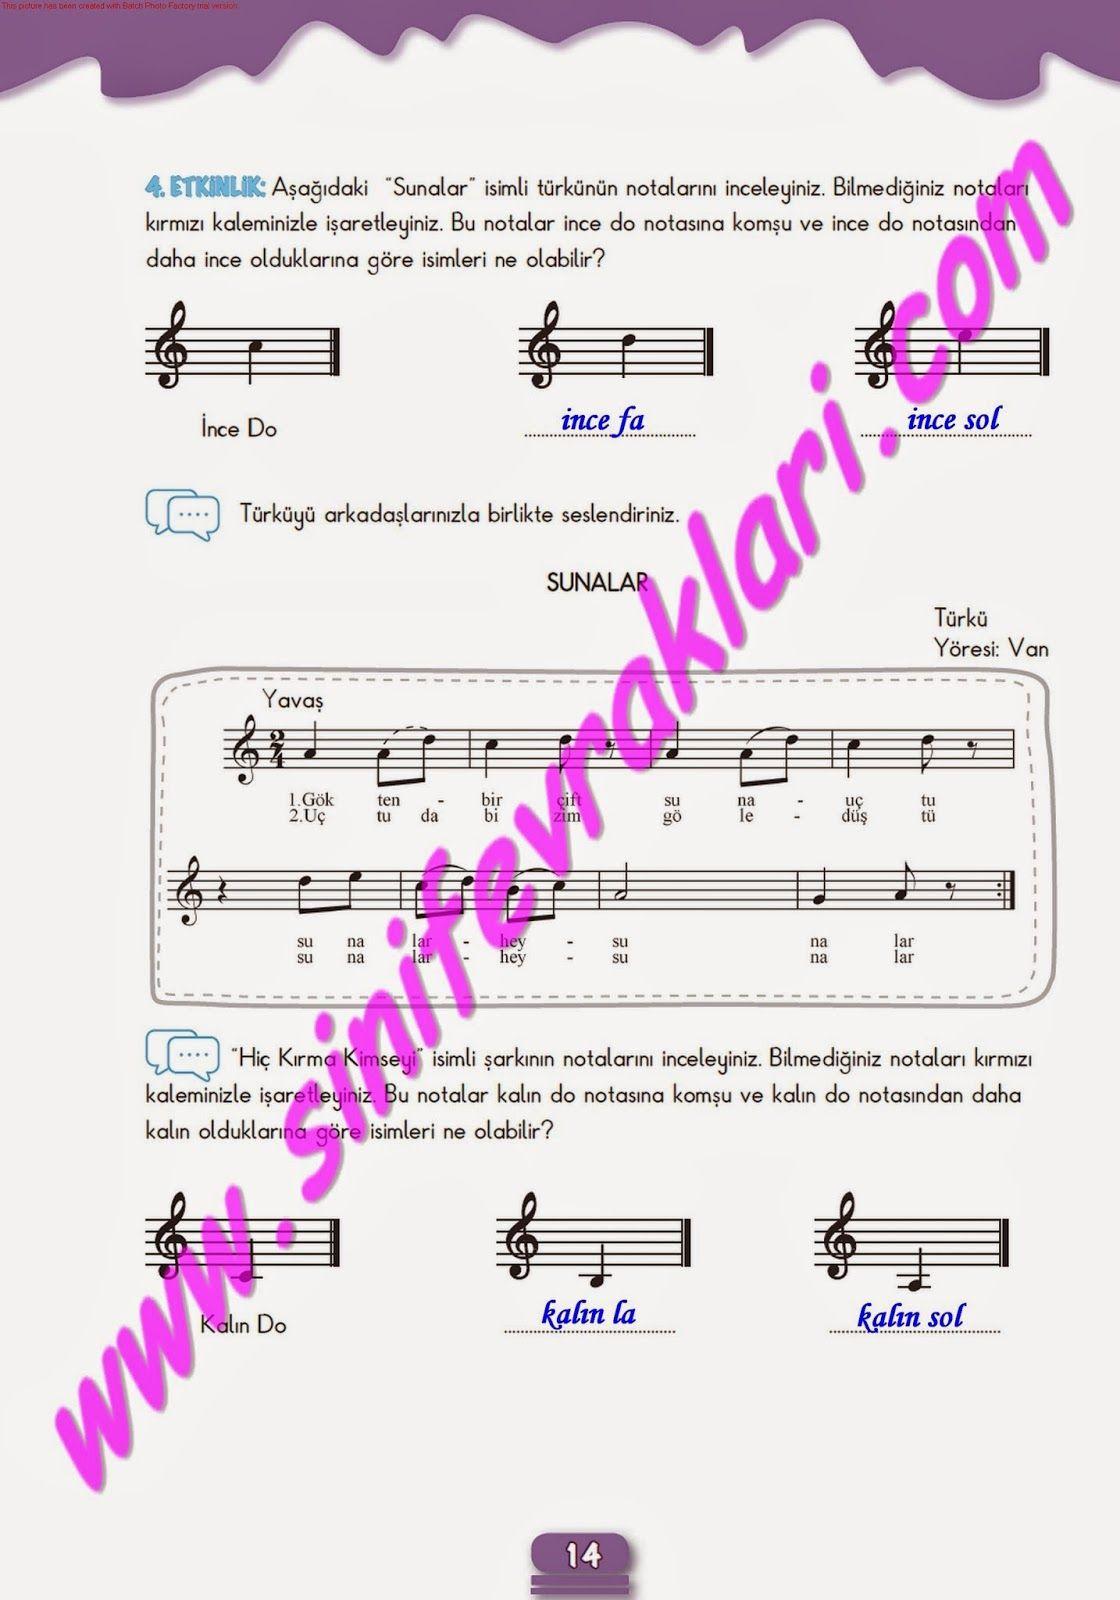 7sınıf Müzik çalışma Kitabı Cevapları Meb Yayınları Sayfa 14 7